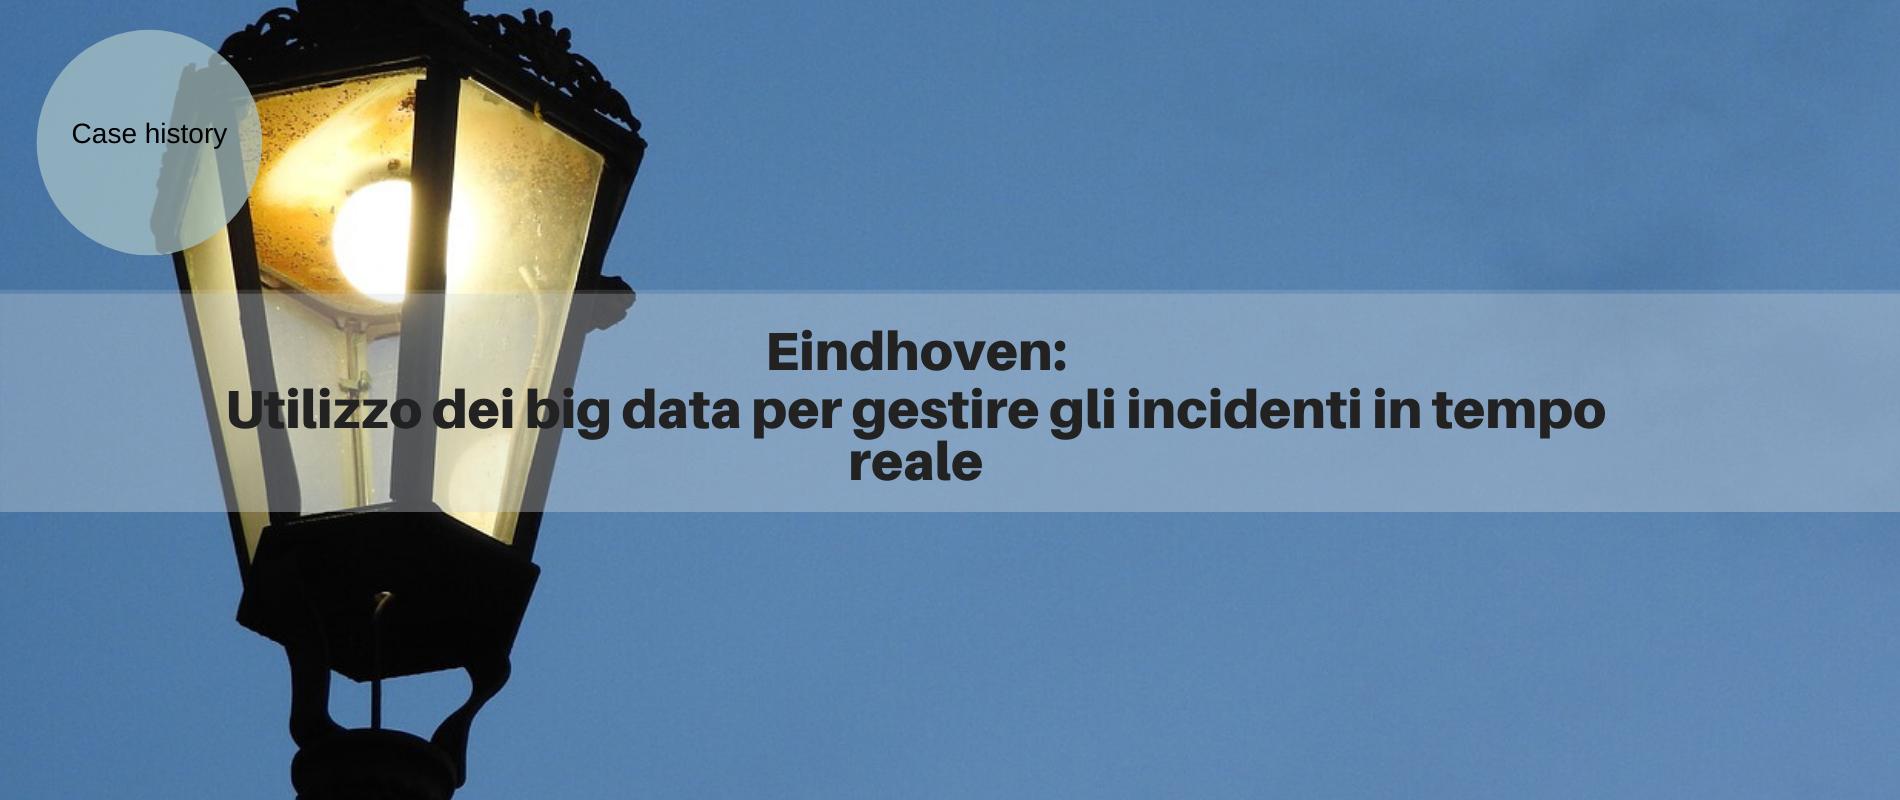 Eindhoven: utilizzo dei big data per gestire gli incidenti in tempo reale